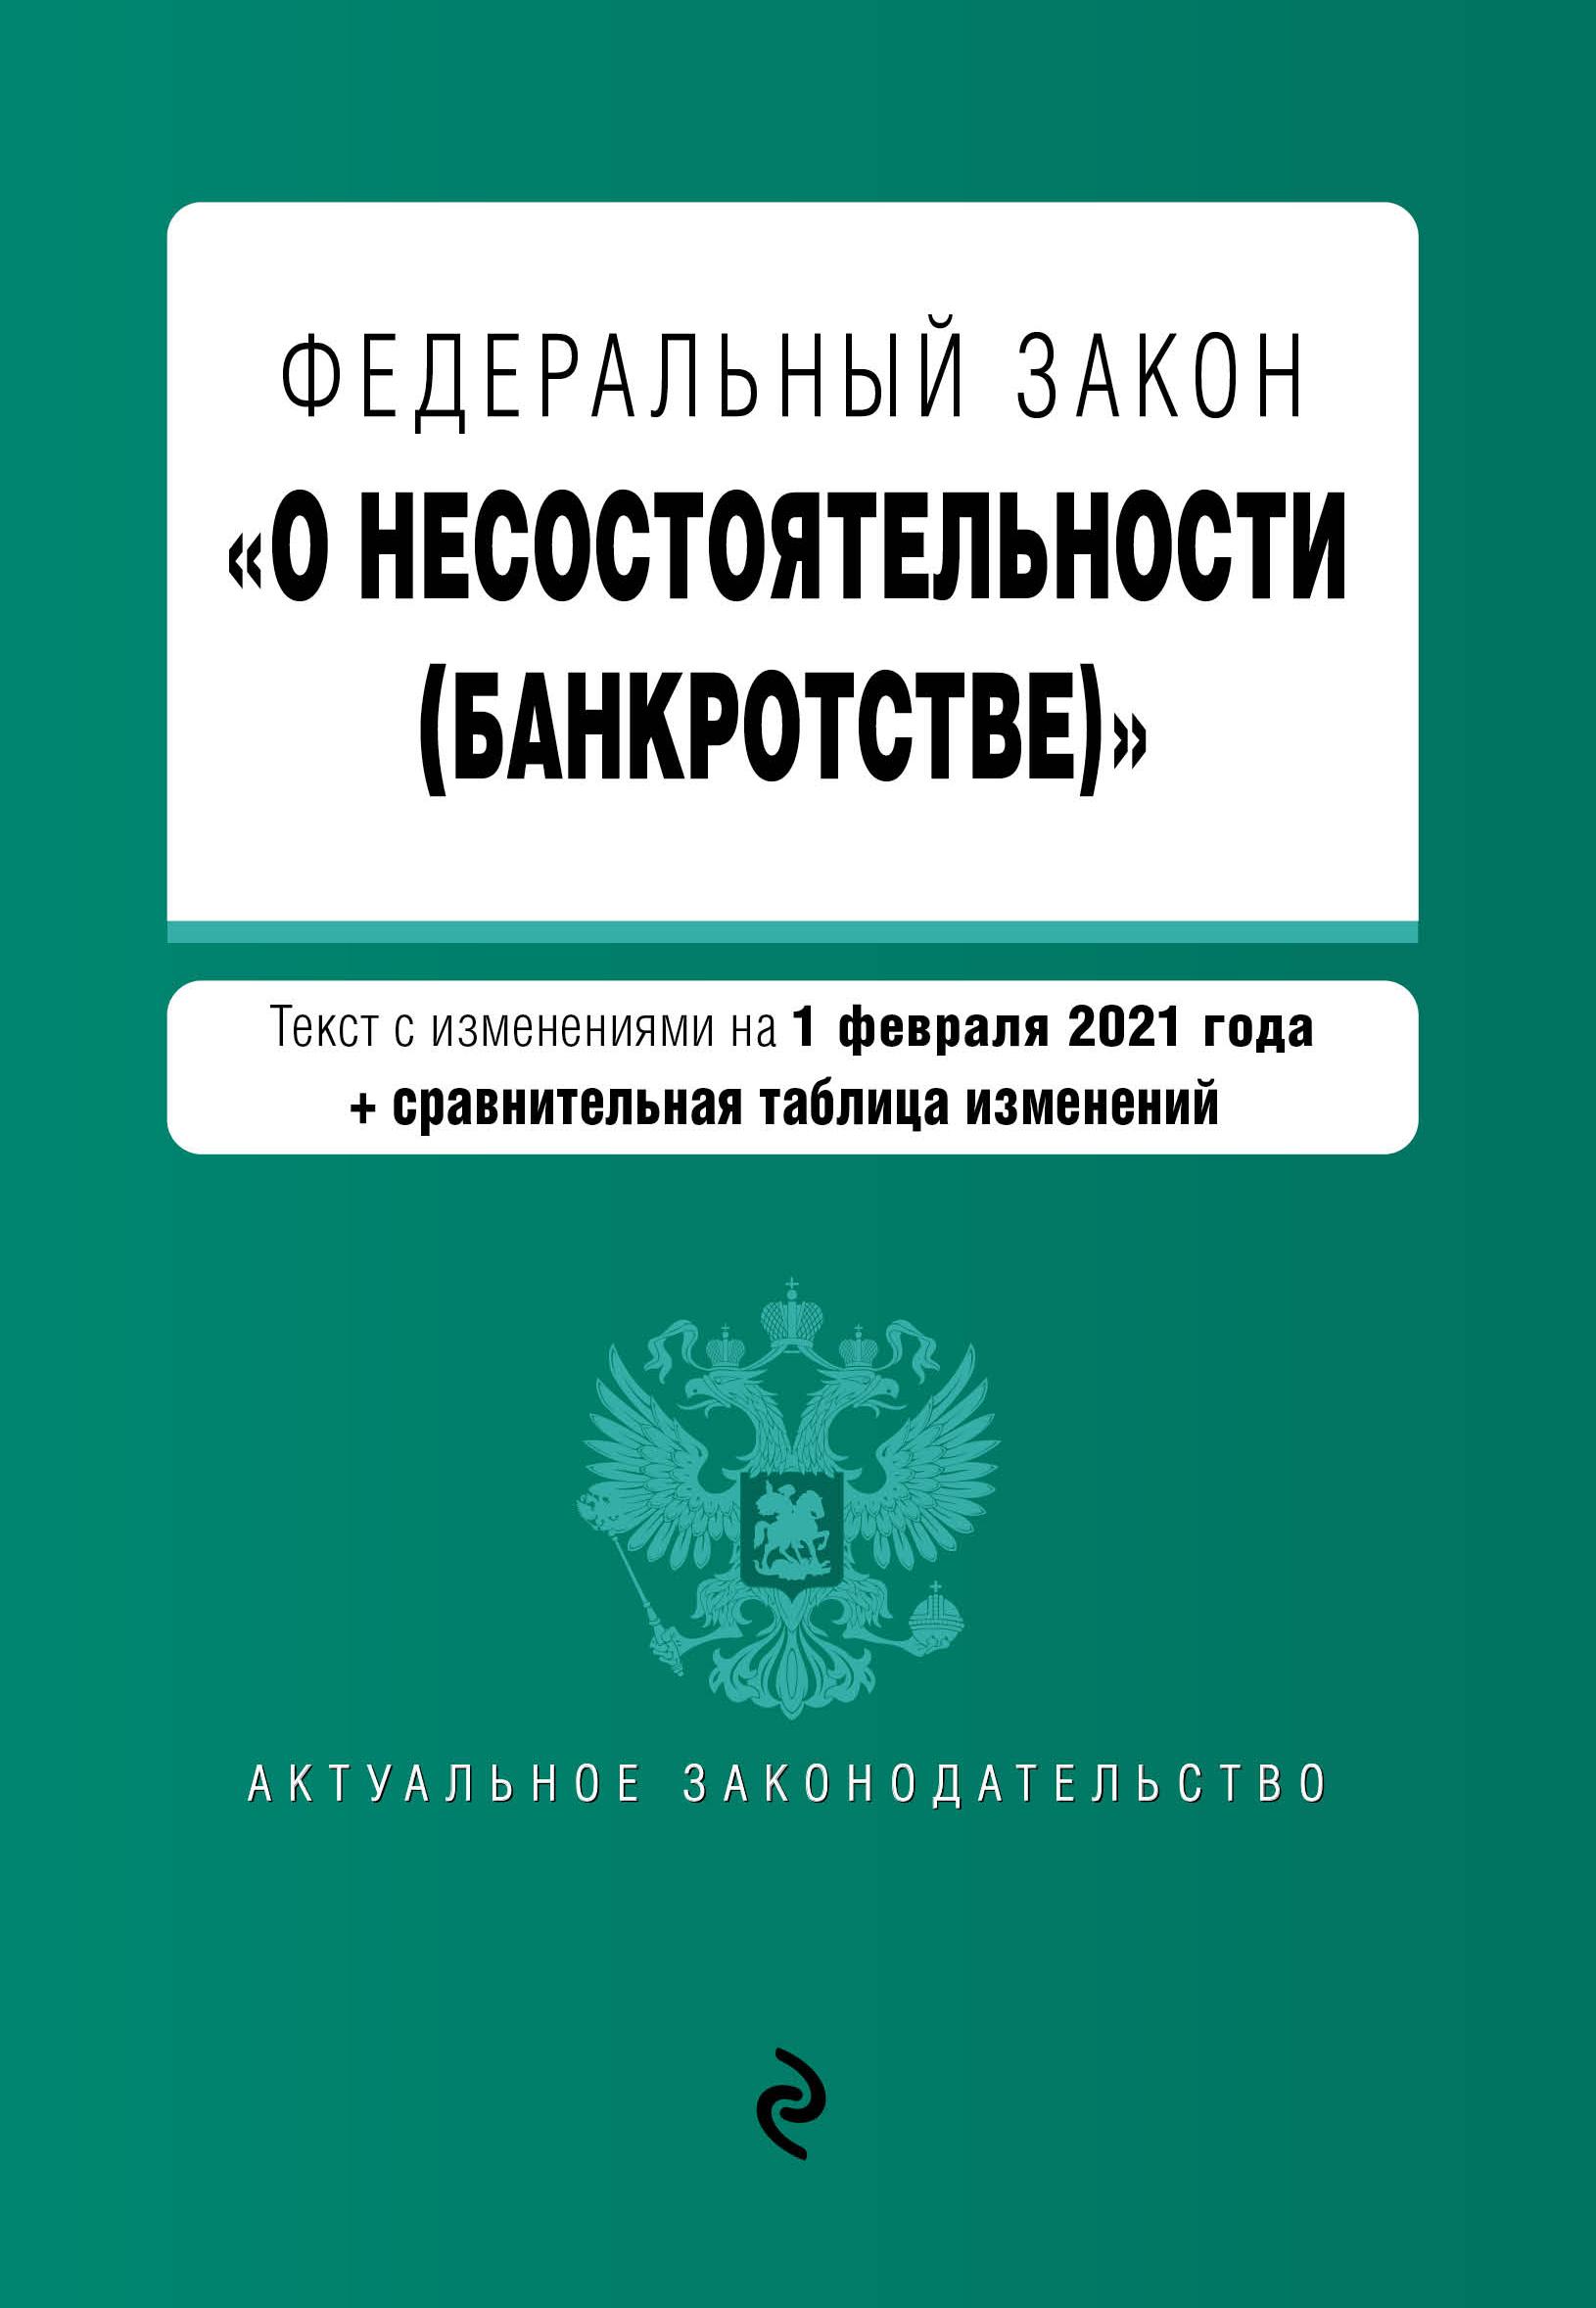 Федеральный закон О несостоятельности (банкротстве). Текст с изм. на 1 февраля 2021 г.